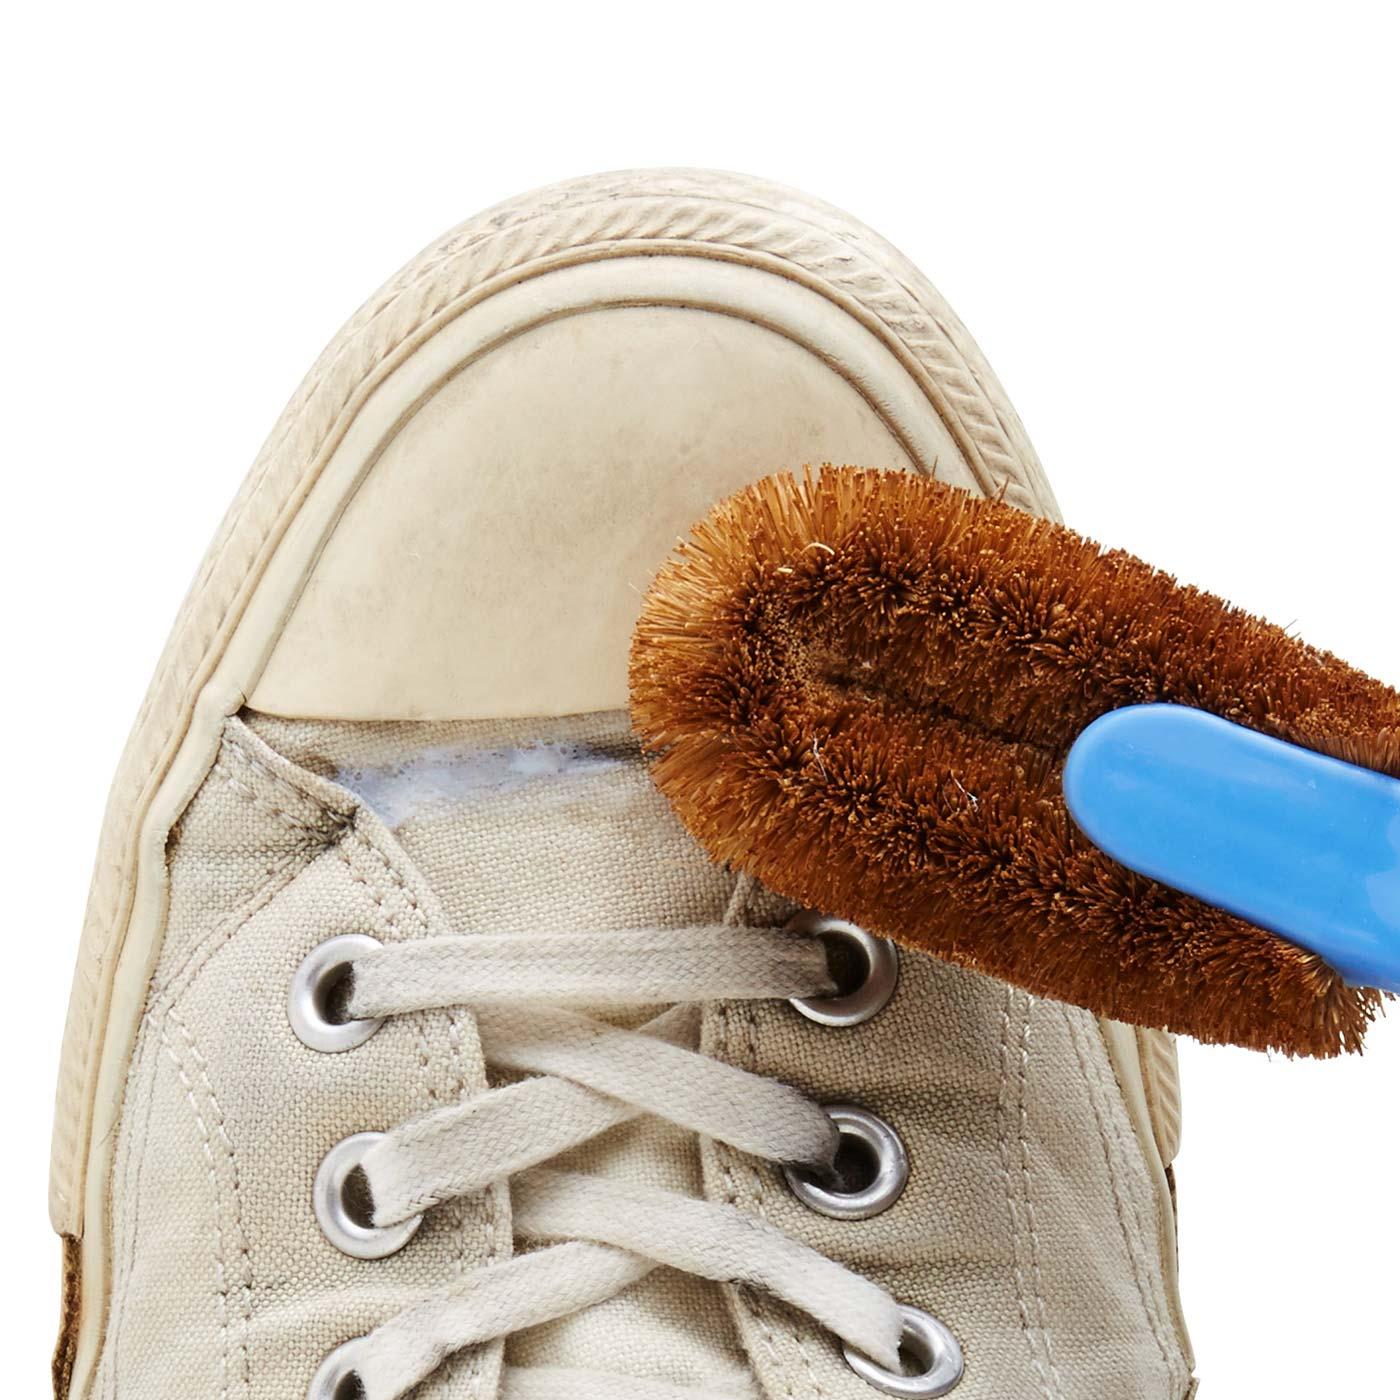 (2)靴ブラシでこすり、汚れをかき出します。